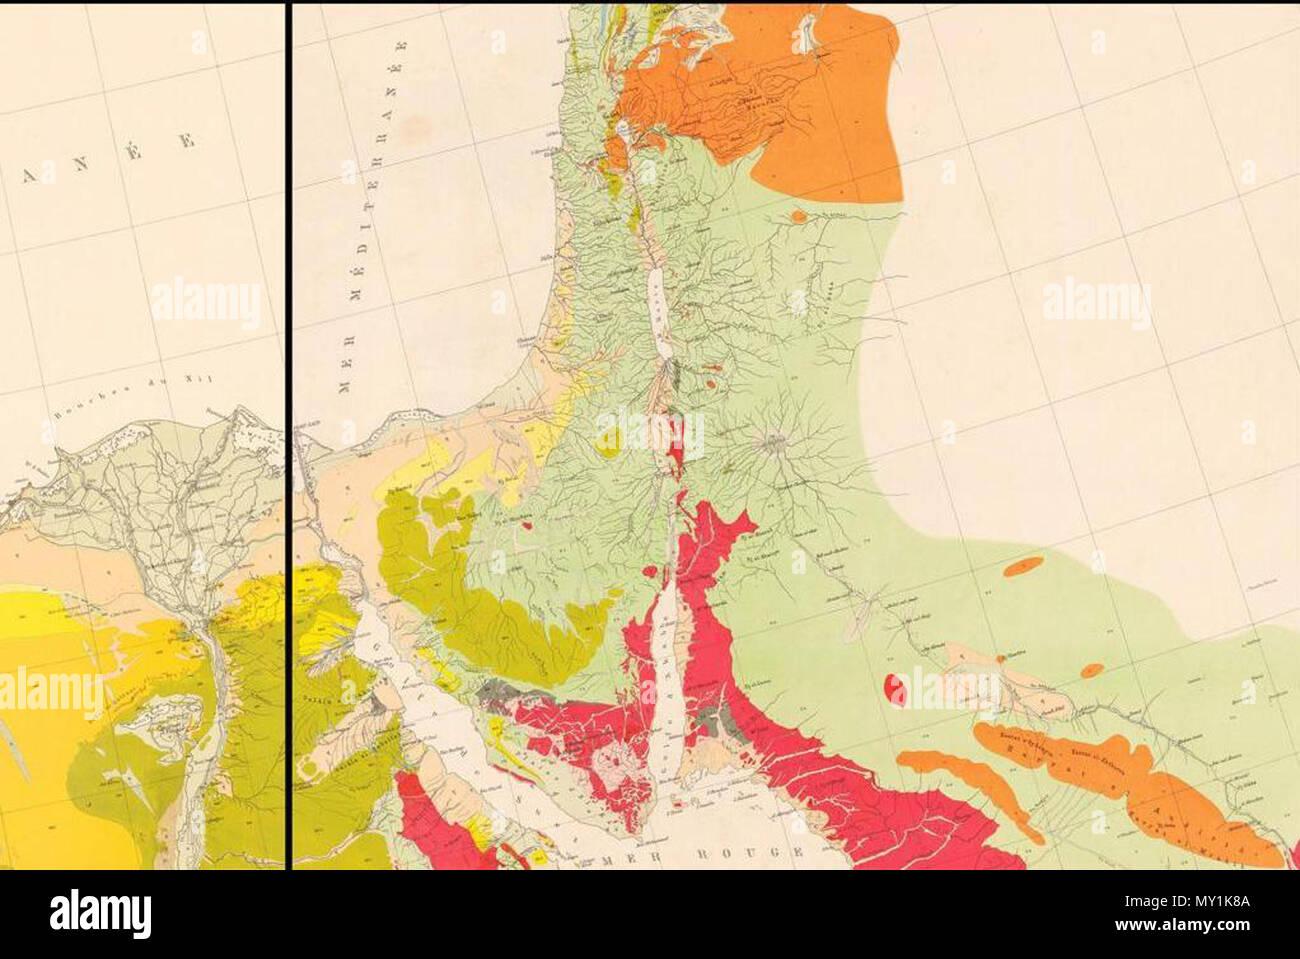 Cartes géologiques du bureau de recherche géologique et minière brgm